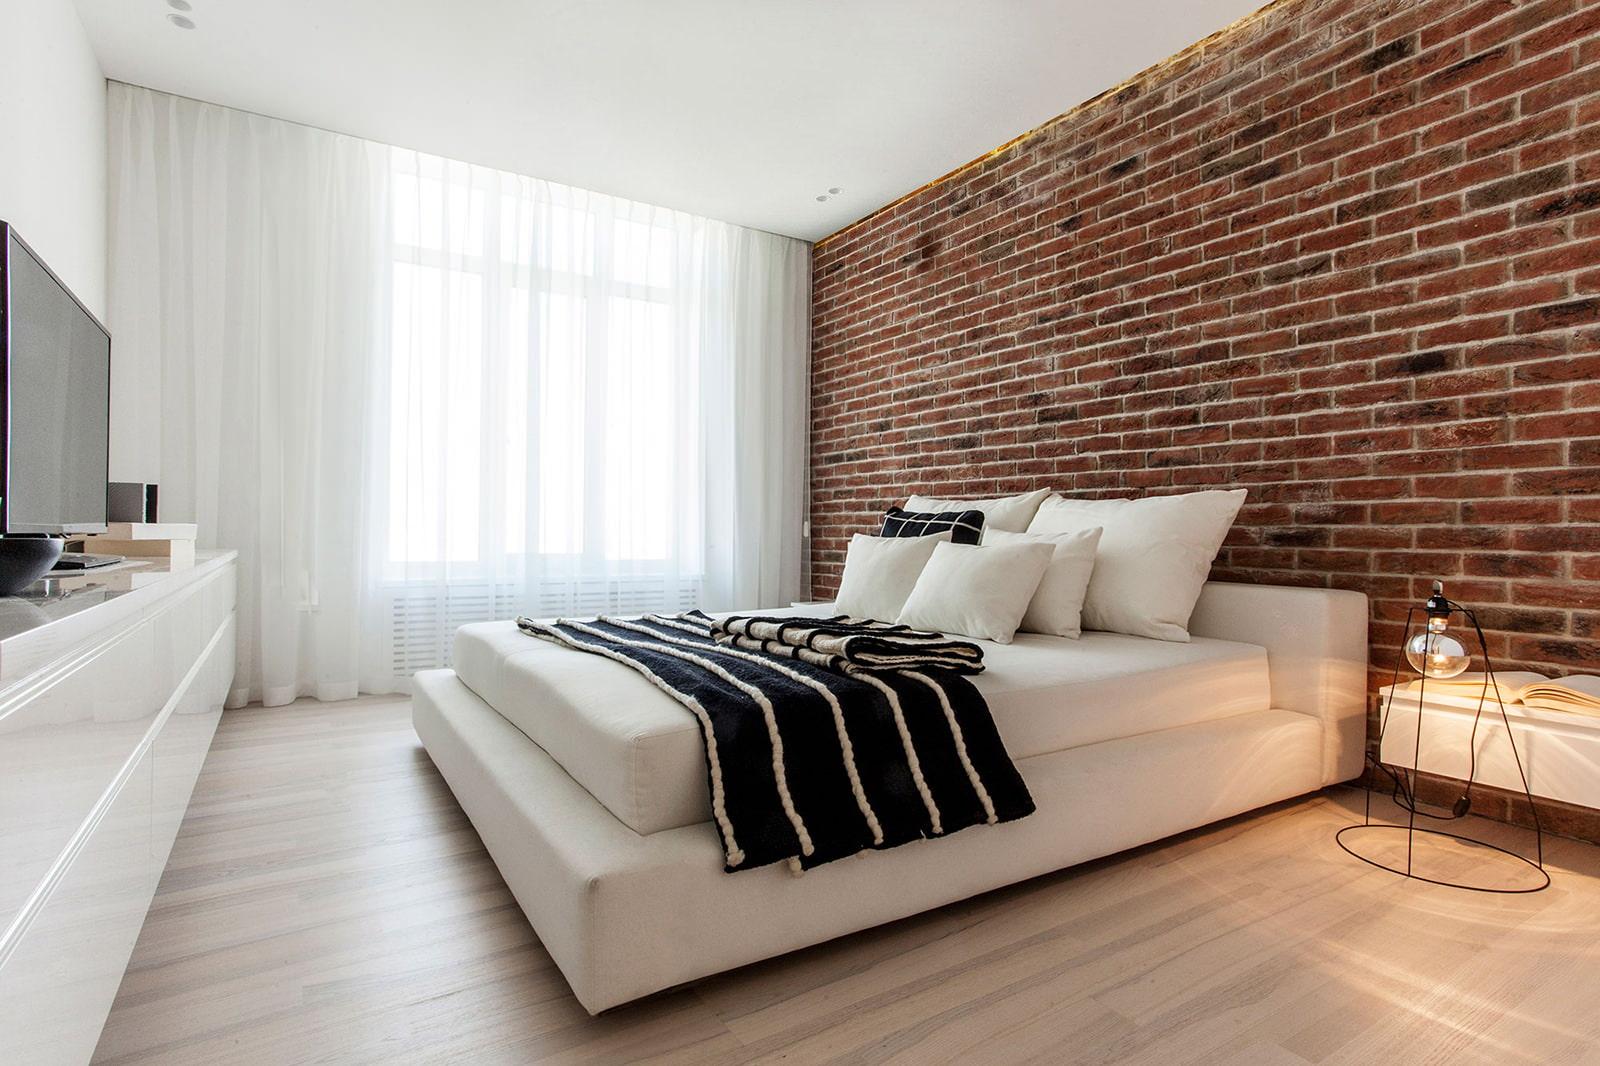 maçonnerie dans la conception des appartements